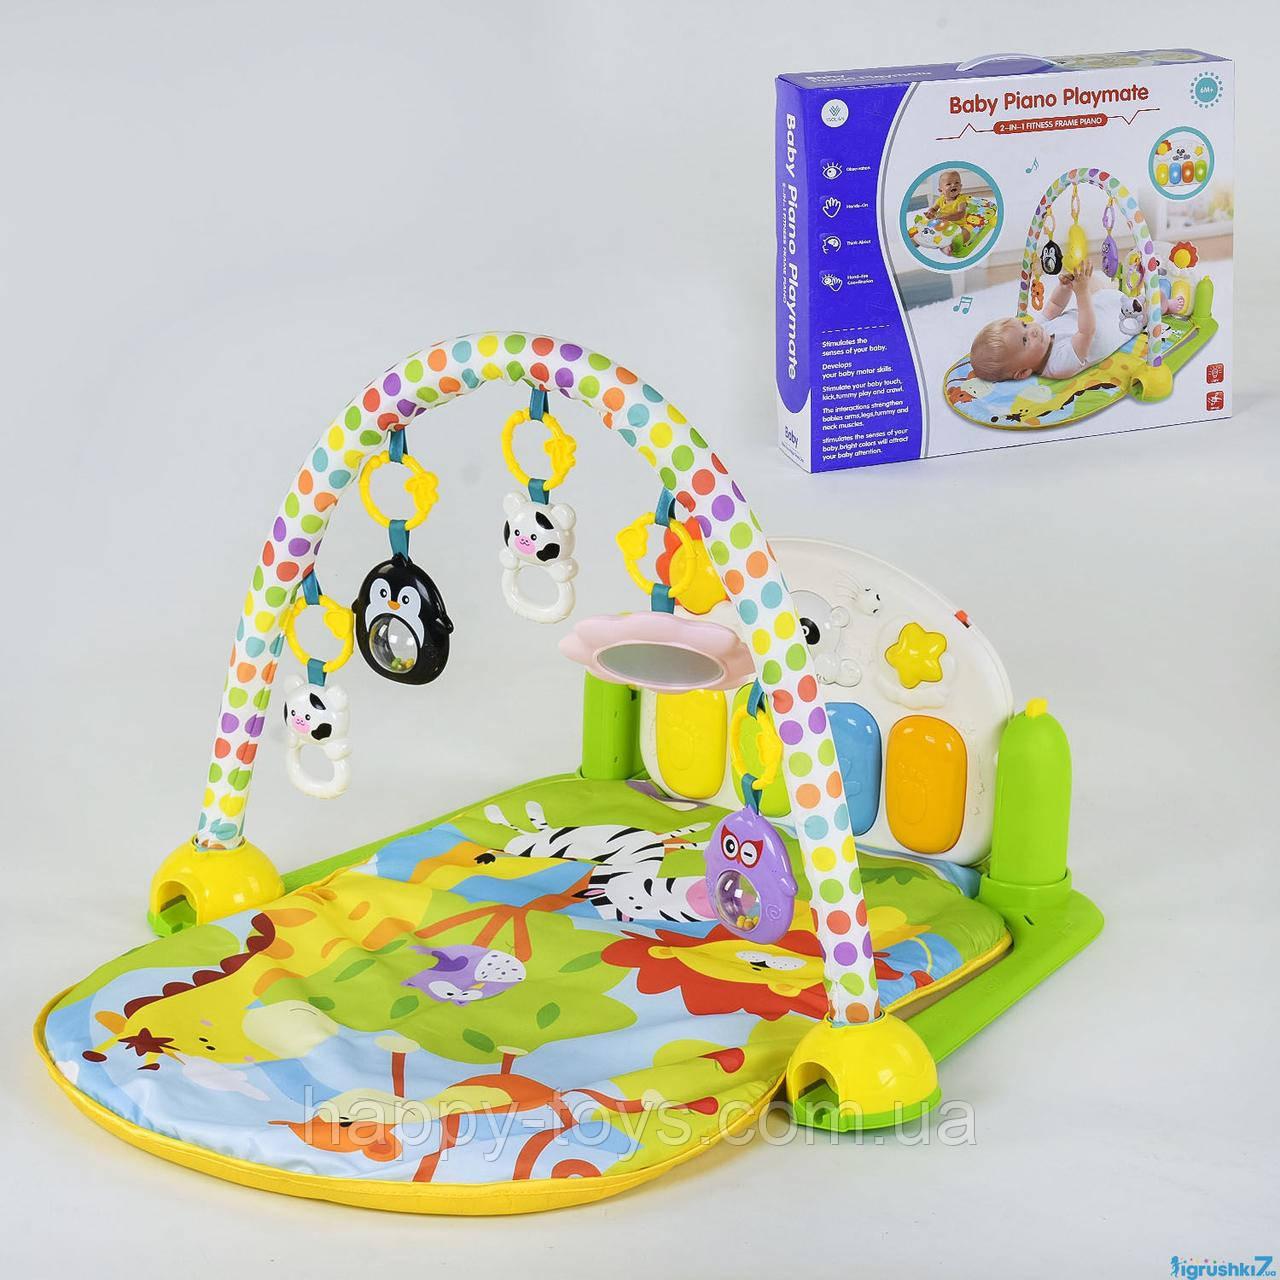 Детский игровой музыкальный коврик с пианино, погремушками YL - 605